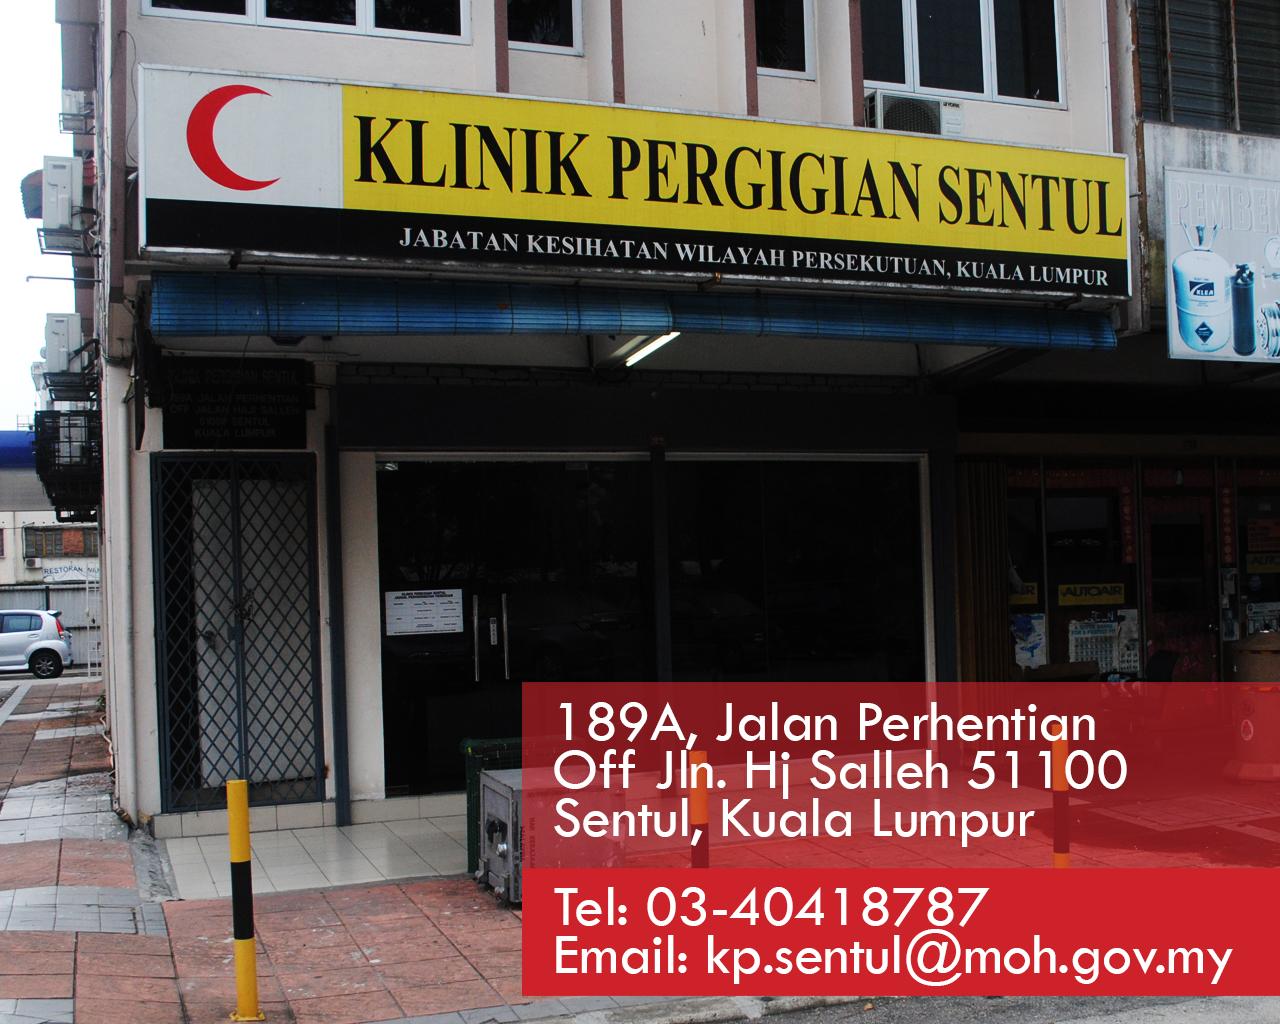 Klinik Pergigian Sentul Pergigian Jkwpkl Putrajaya